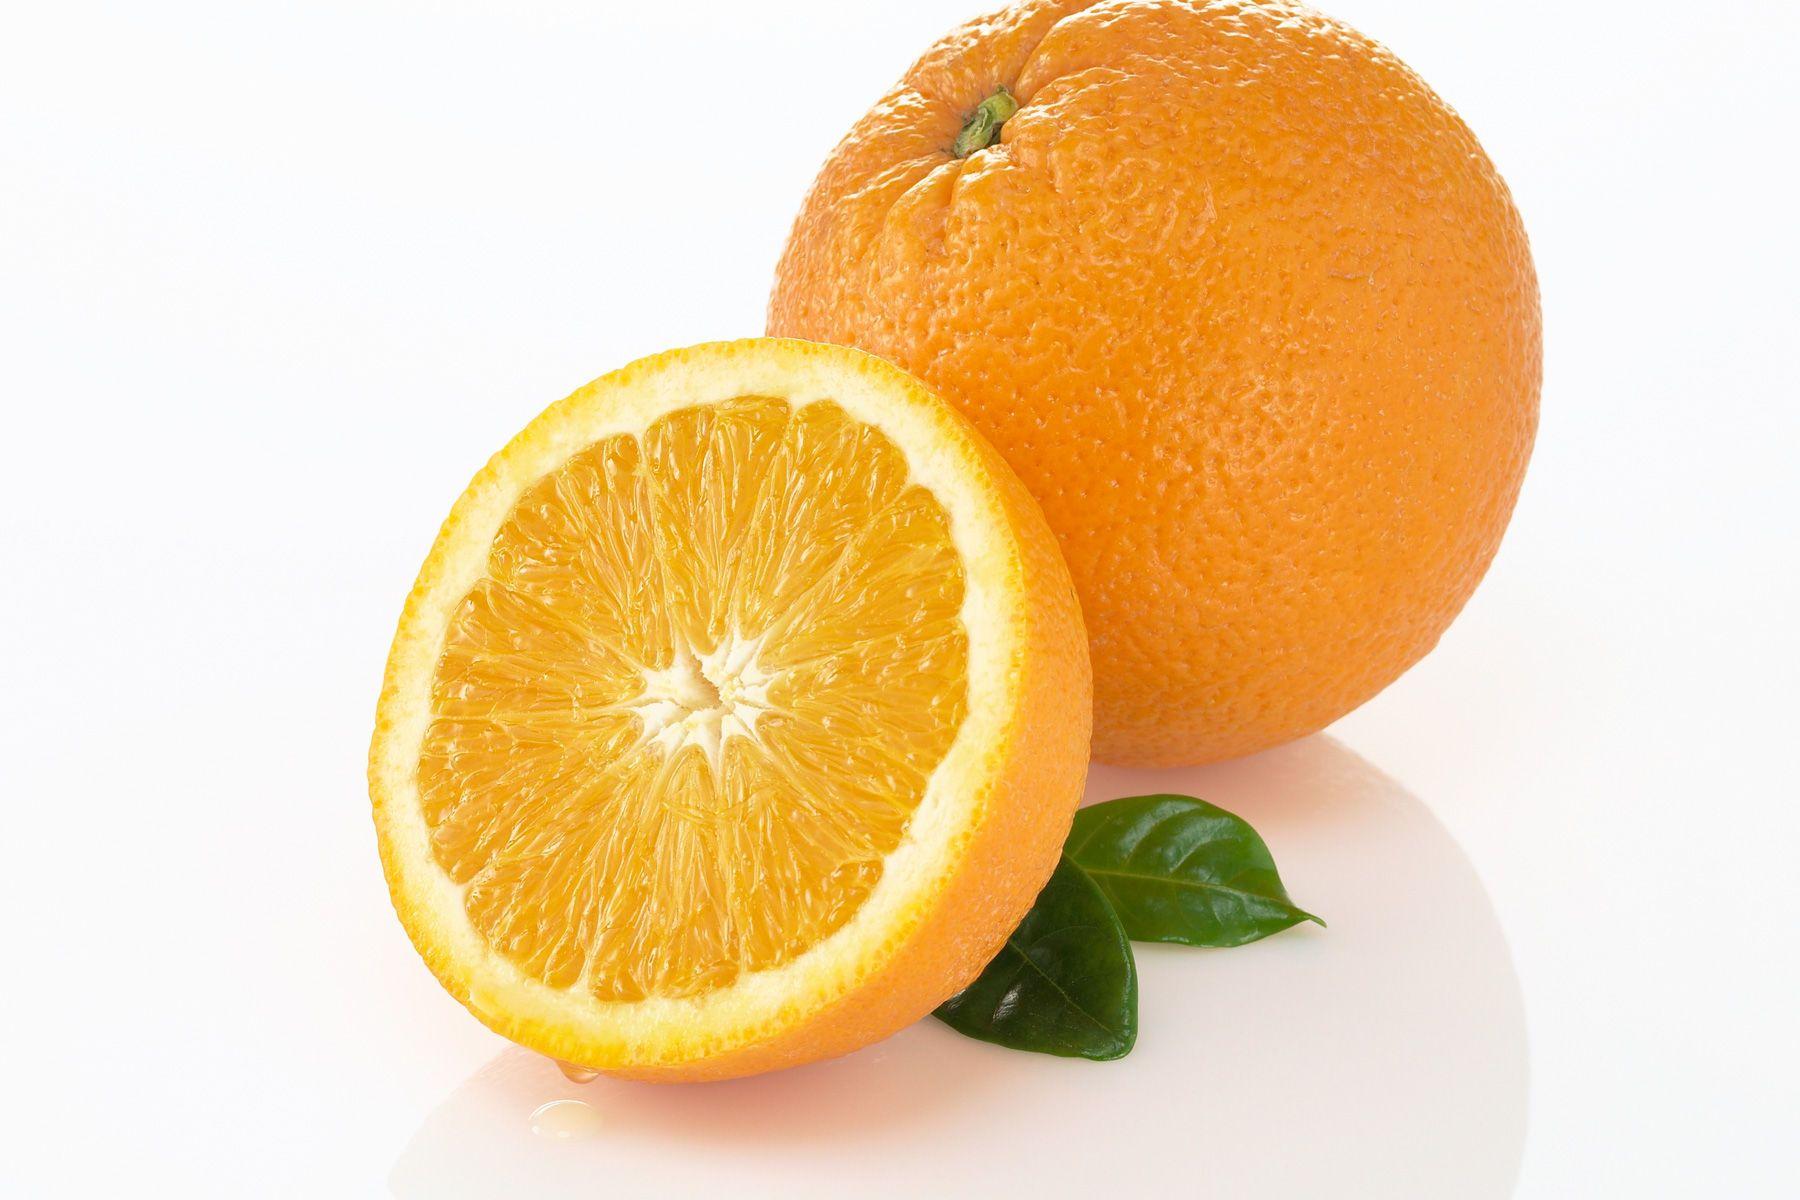 Hannaford/DelHaize Orange Juice Package